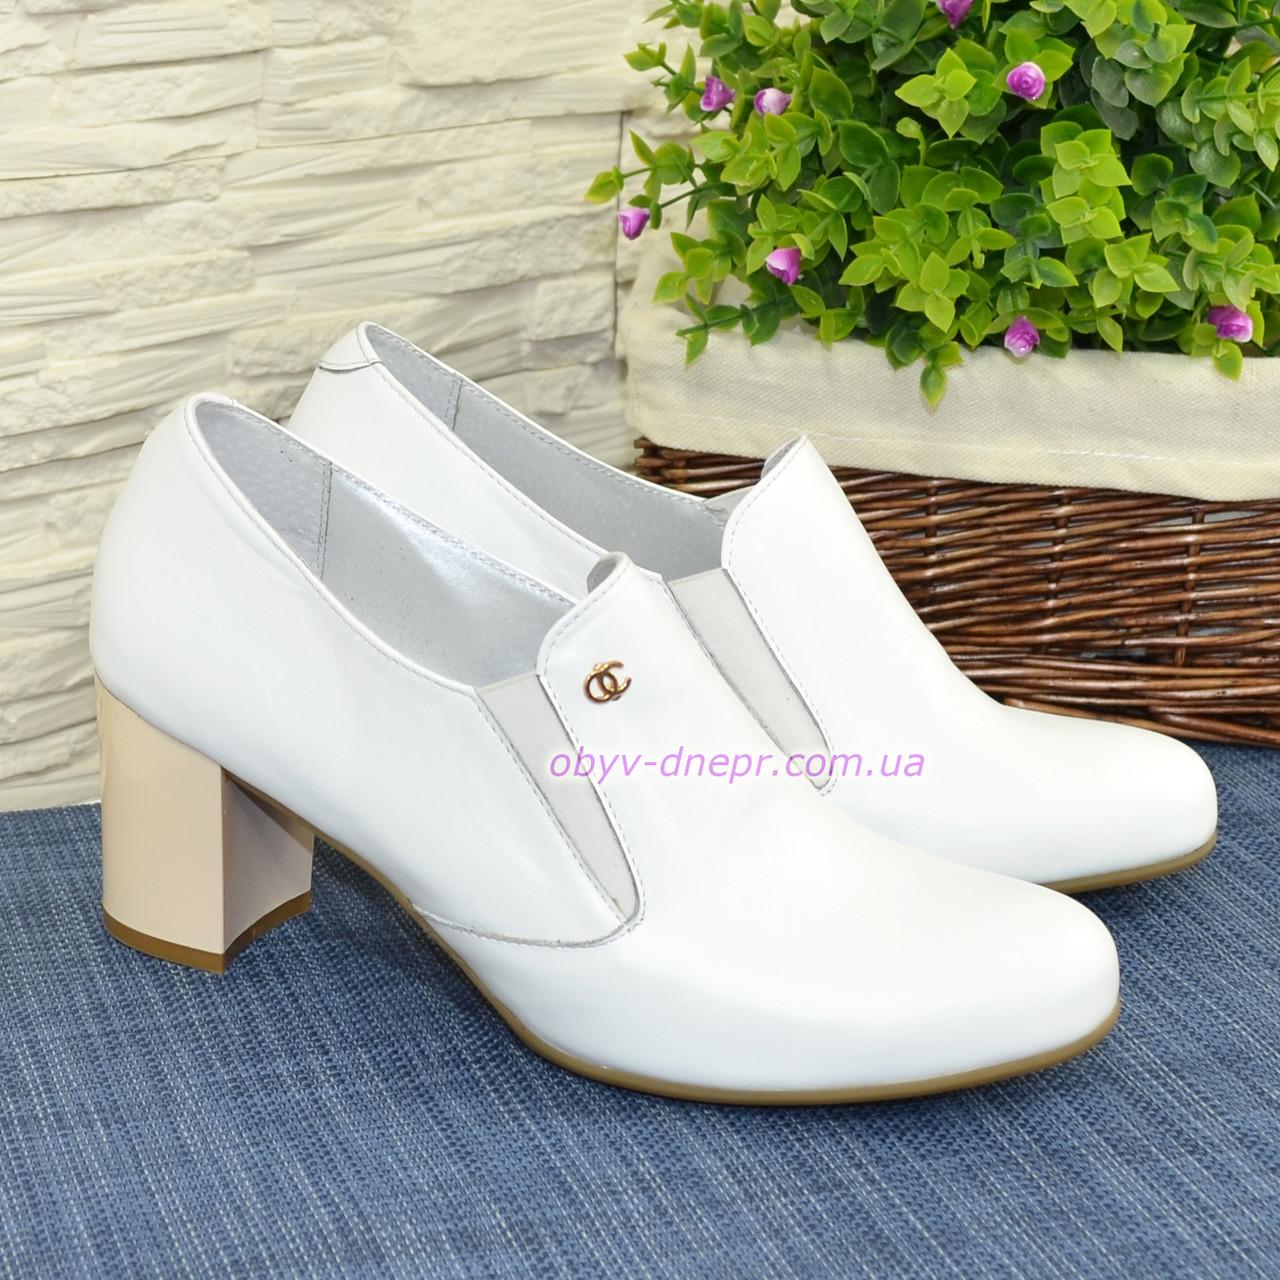 Туфли женские кожаные на невысоком устойчивом каблуке, декорированы фурнитурой